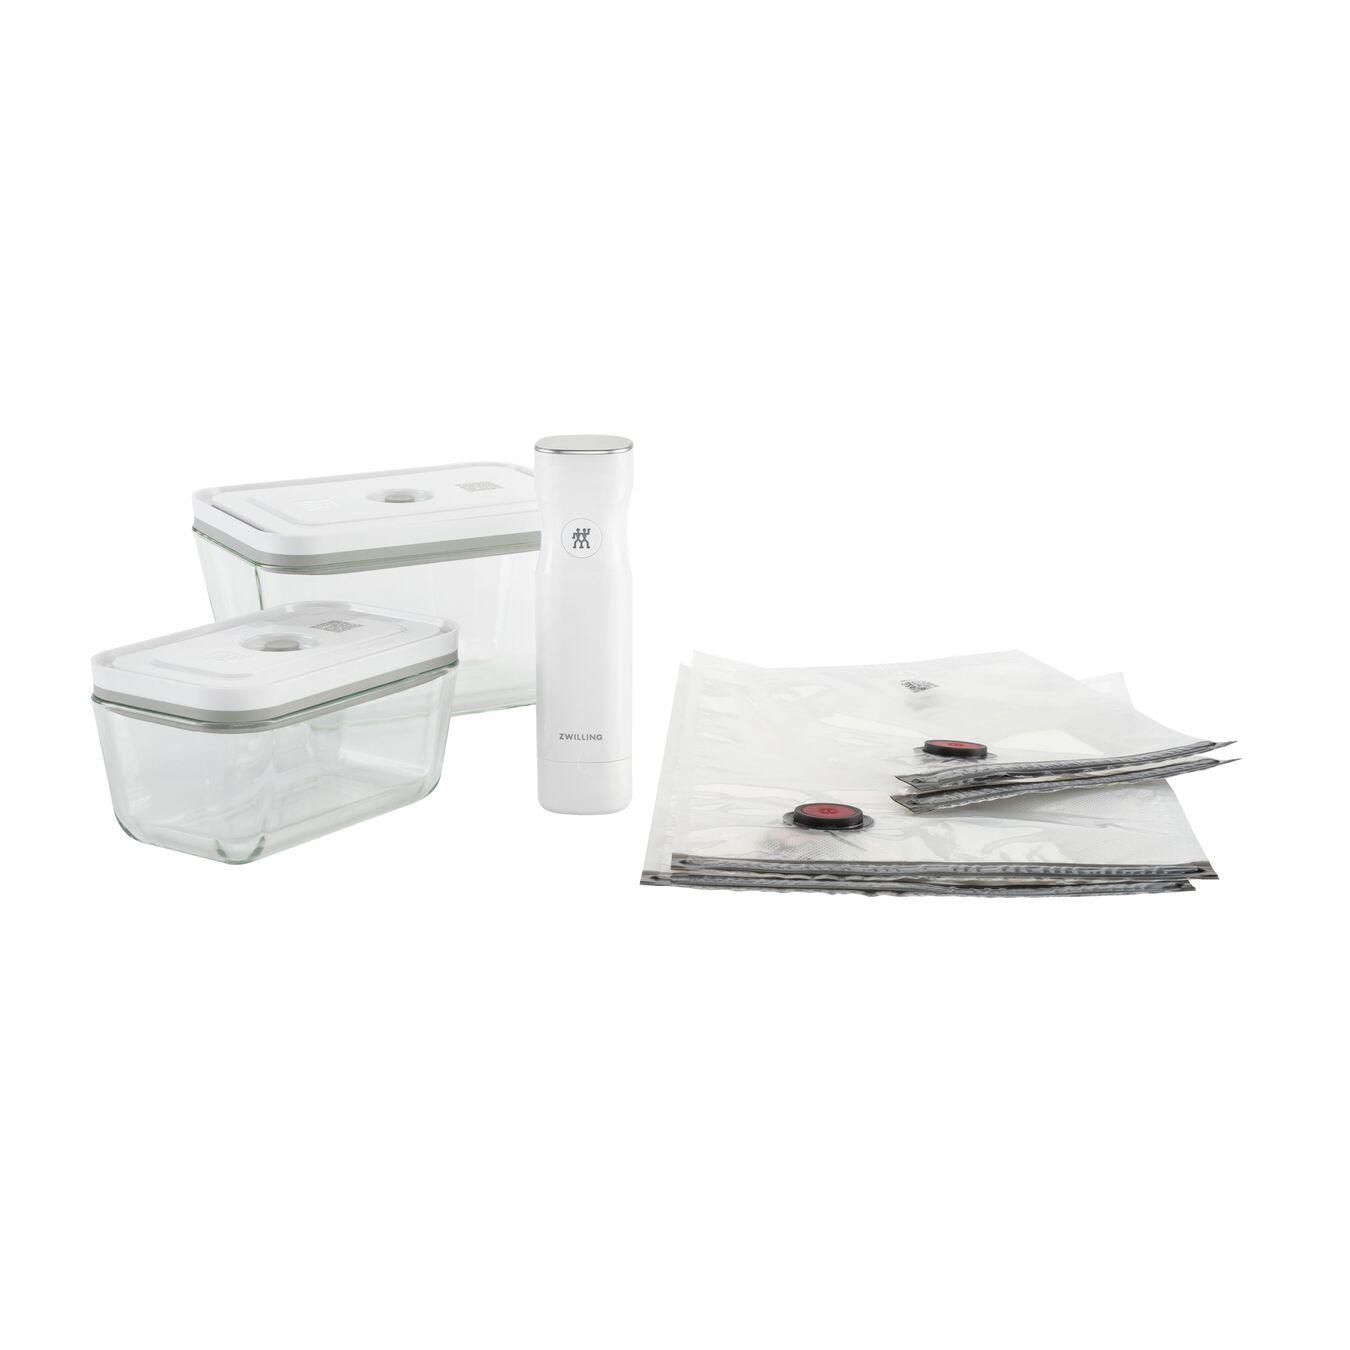 medium/large / 7-pc Vacuum starter set, Borosilicate glass ,,large 1